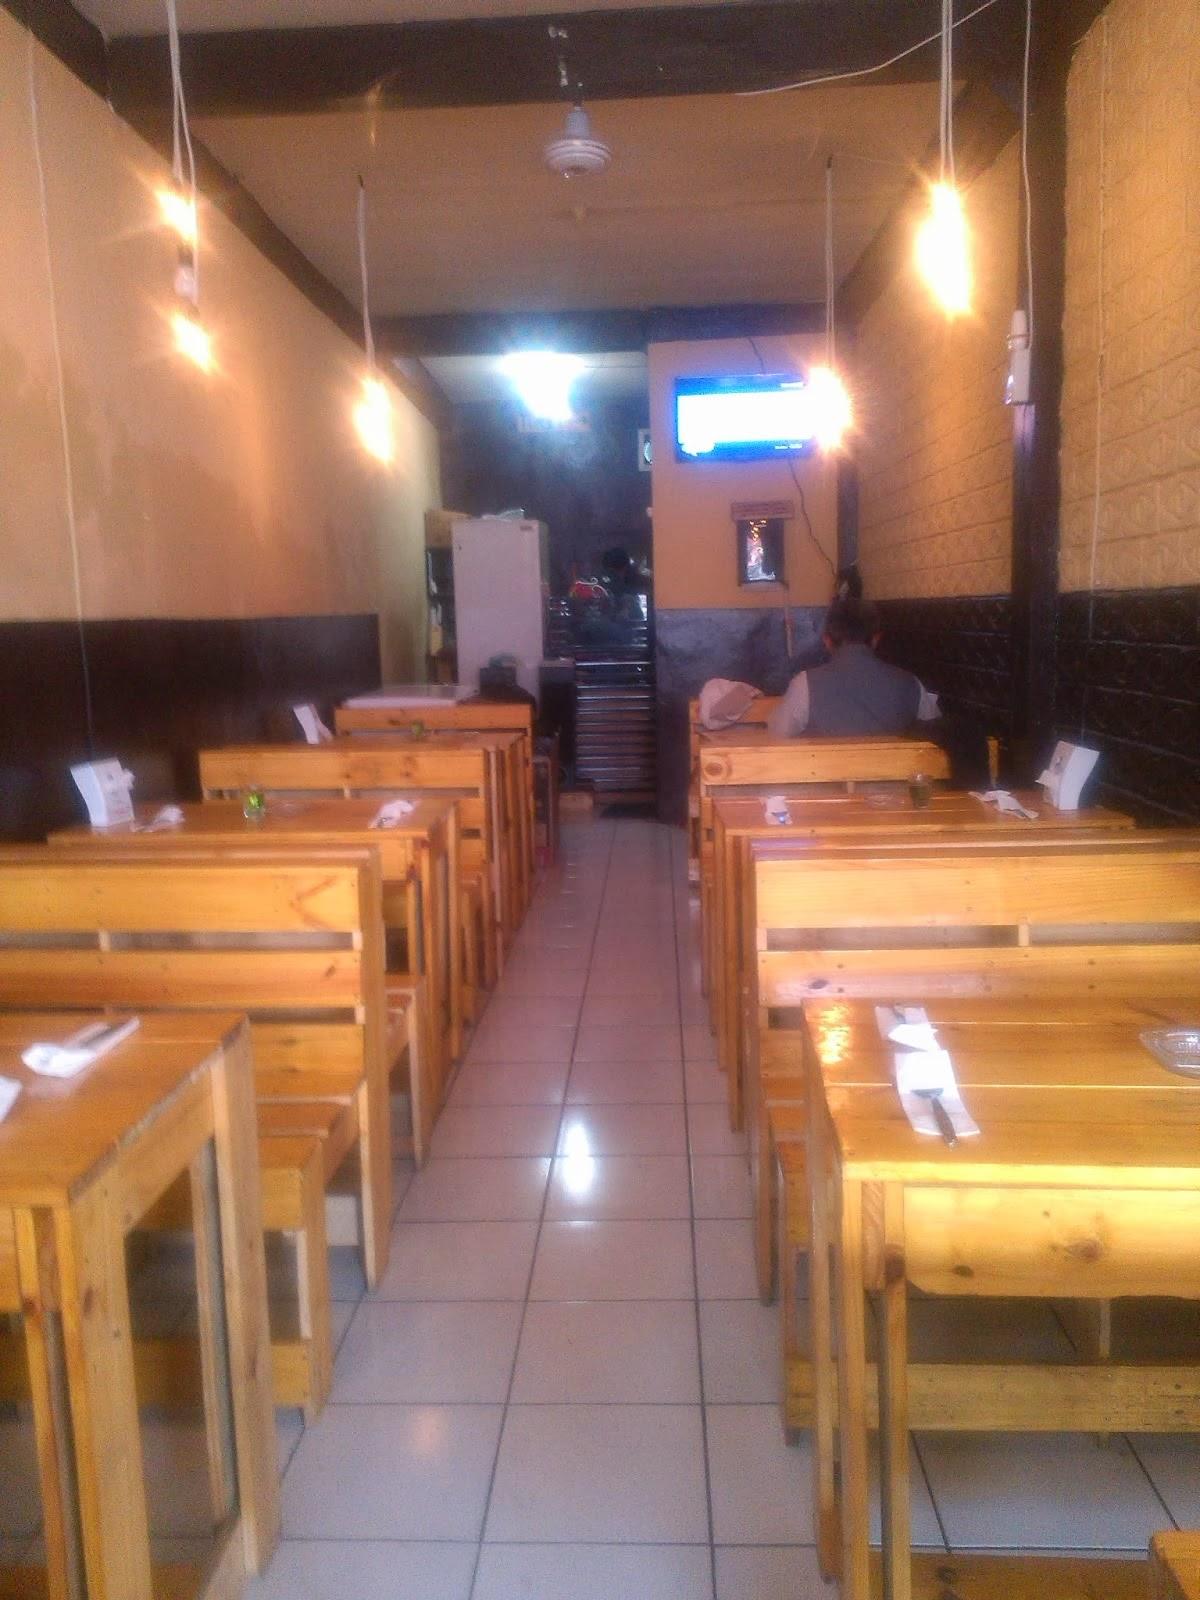 Kedai Mas Broe: Tempat Kedai, Rasa Masakan Hotel